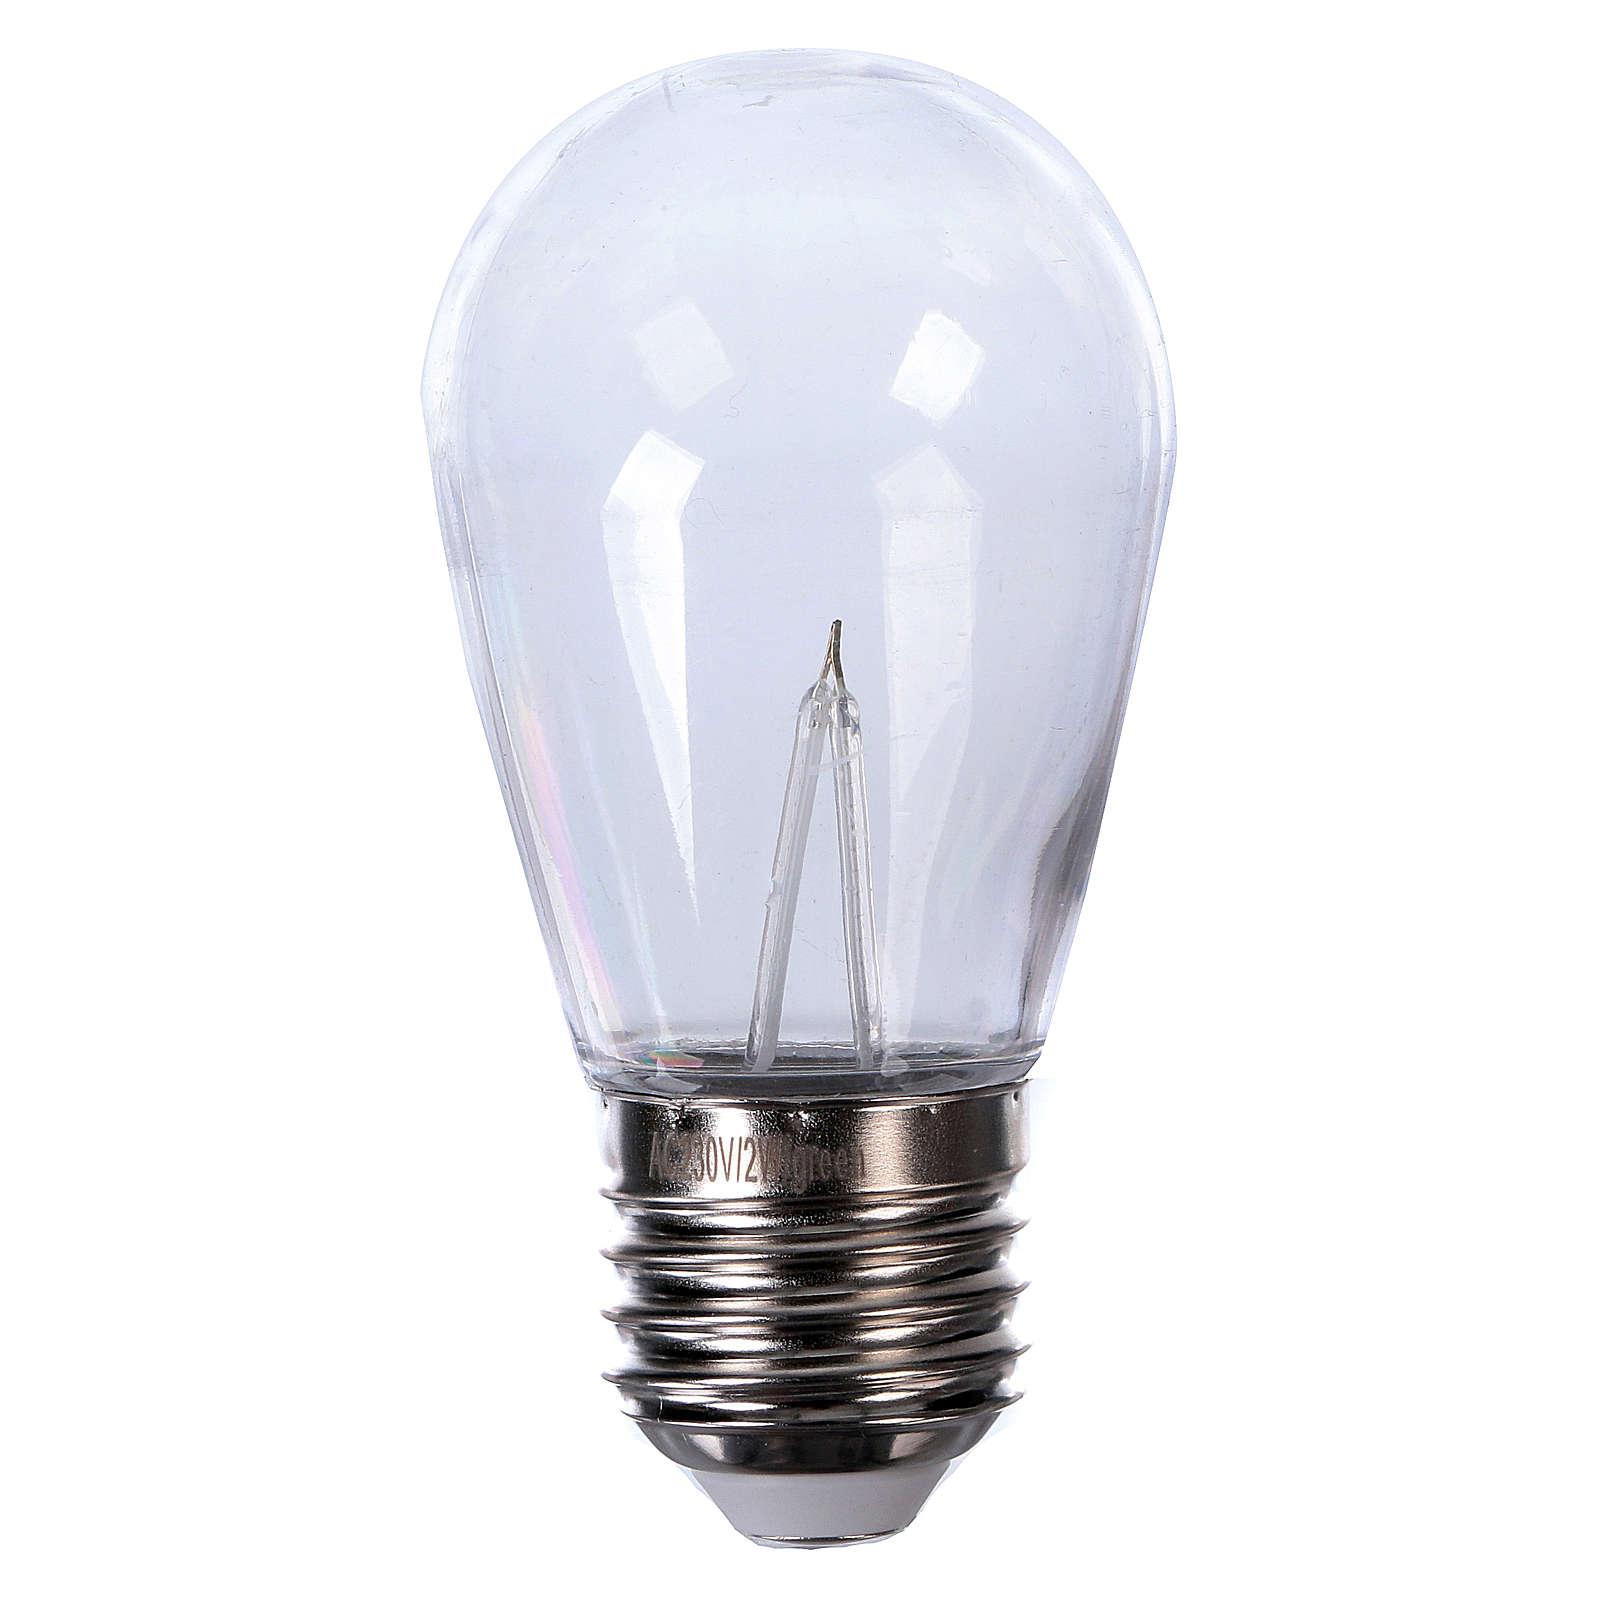 Ampoule goutte bleue E27 pour chaîne avec soquets 3